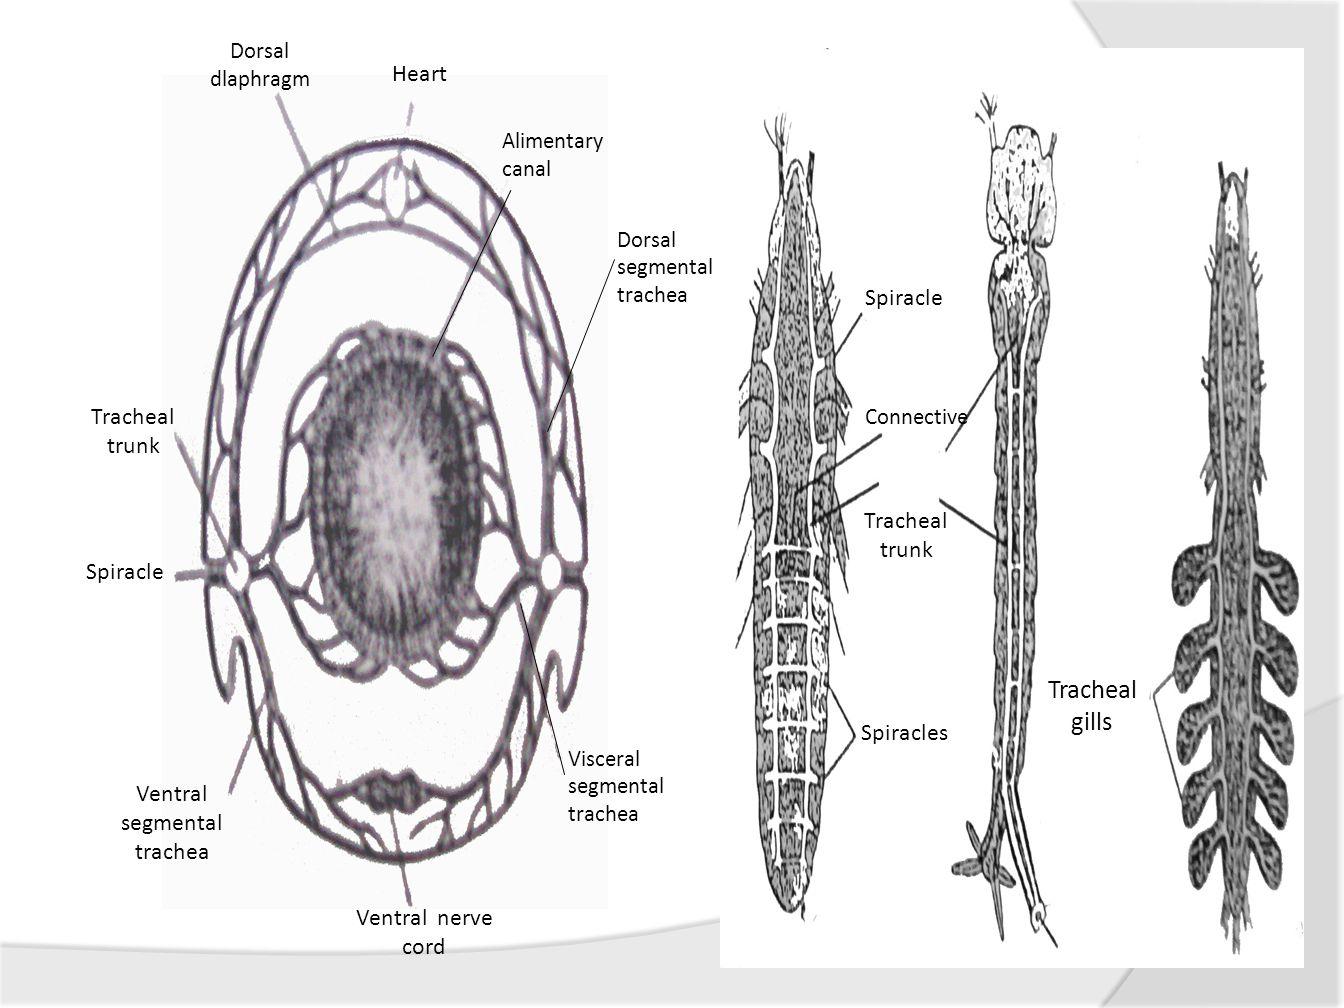 Ventral segmental trachea